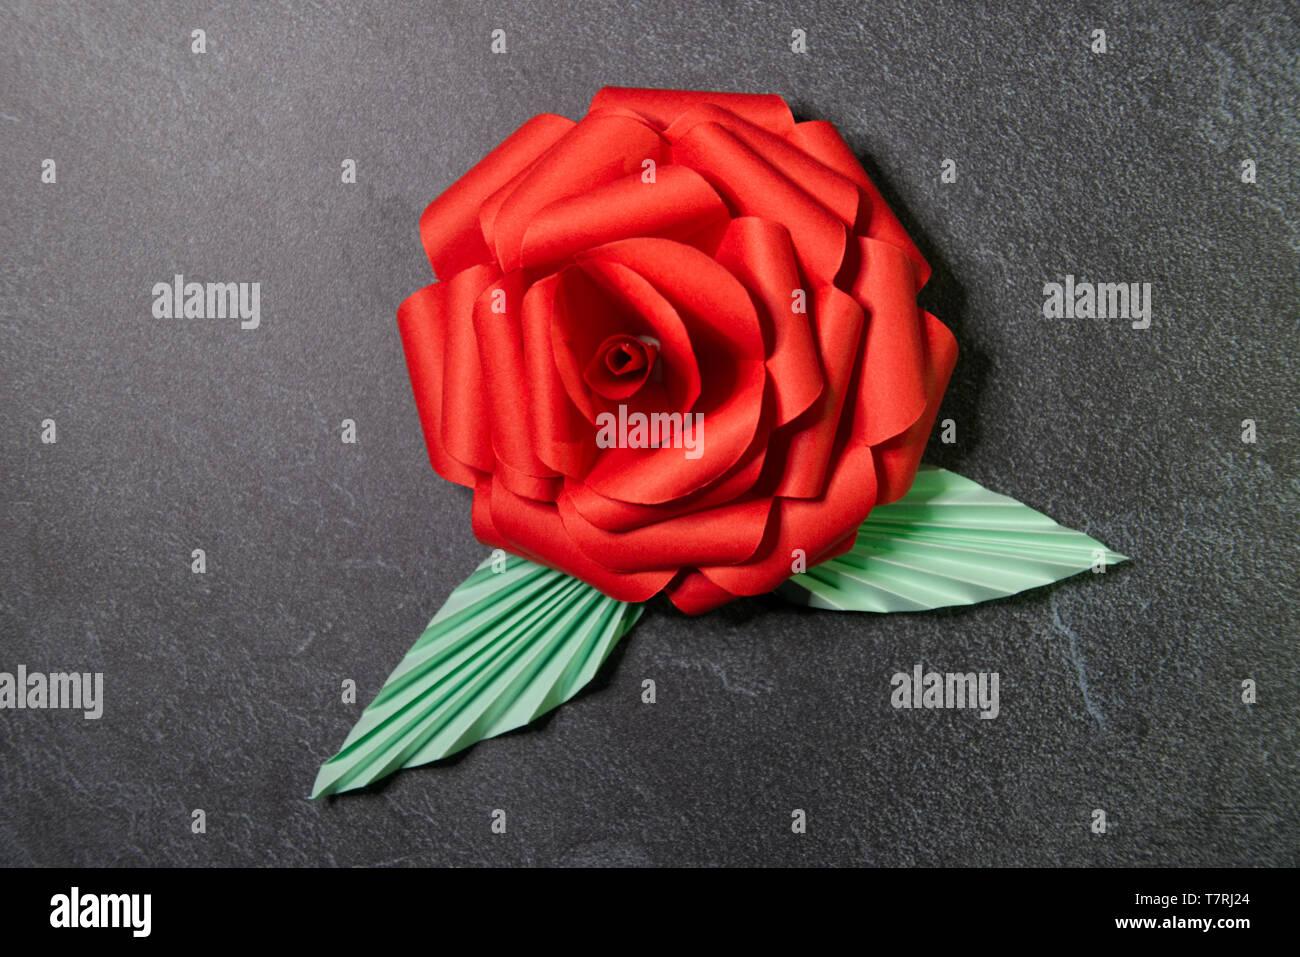 Red Origami Rosenblüte - Papier Kunst auf strukturierten Hintergrund Stockfoto